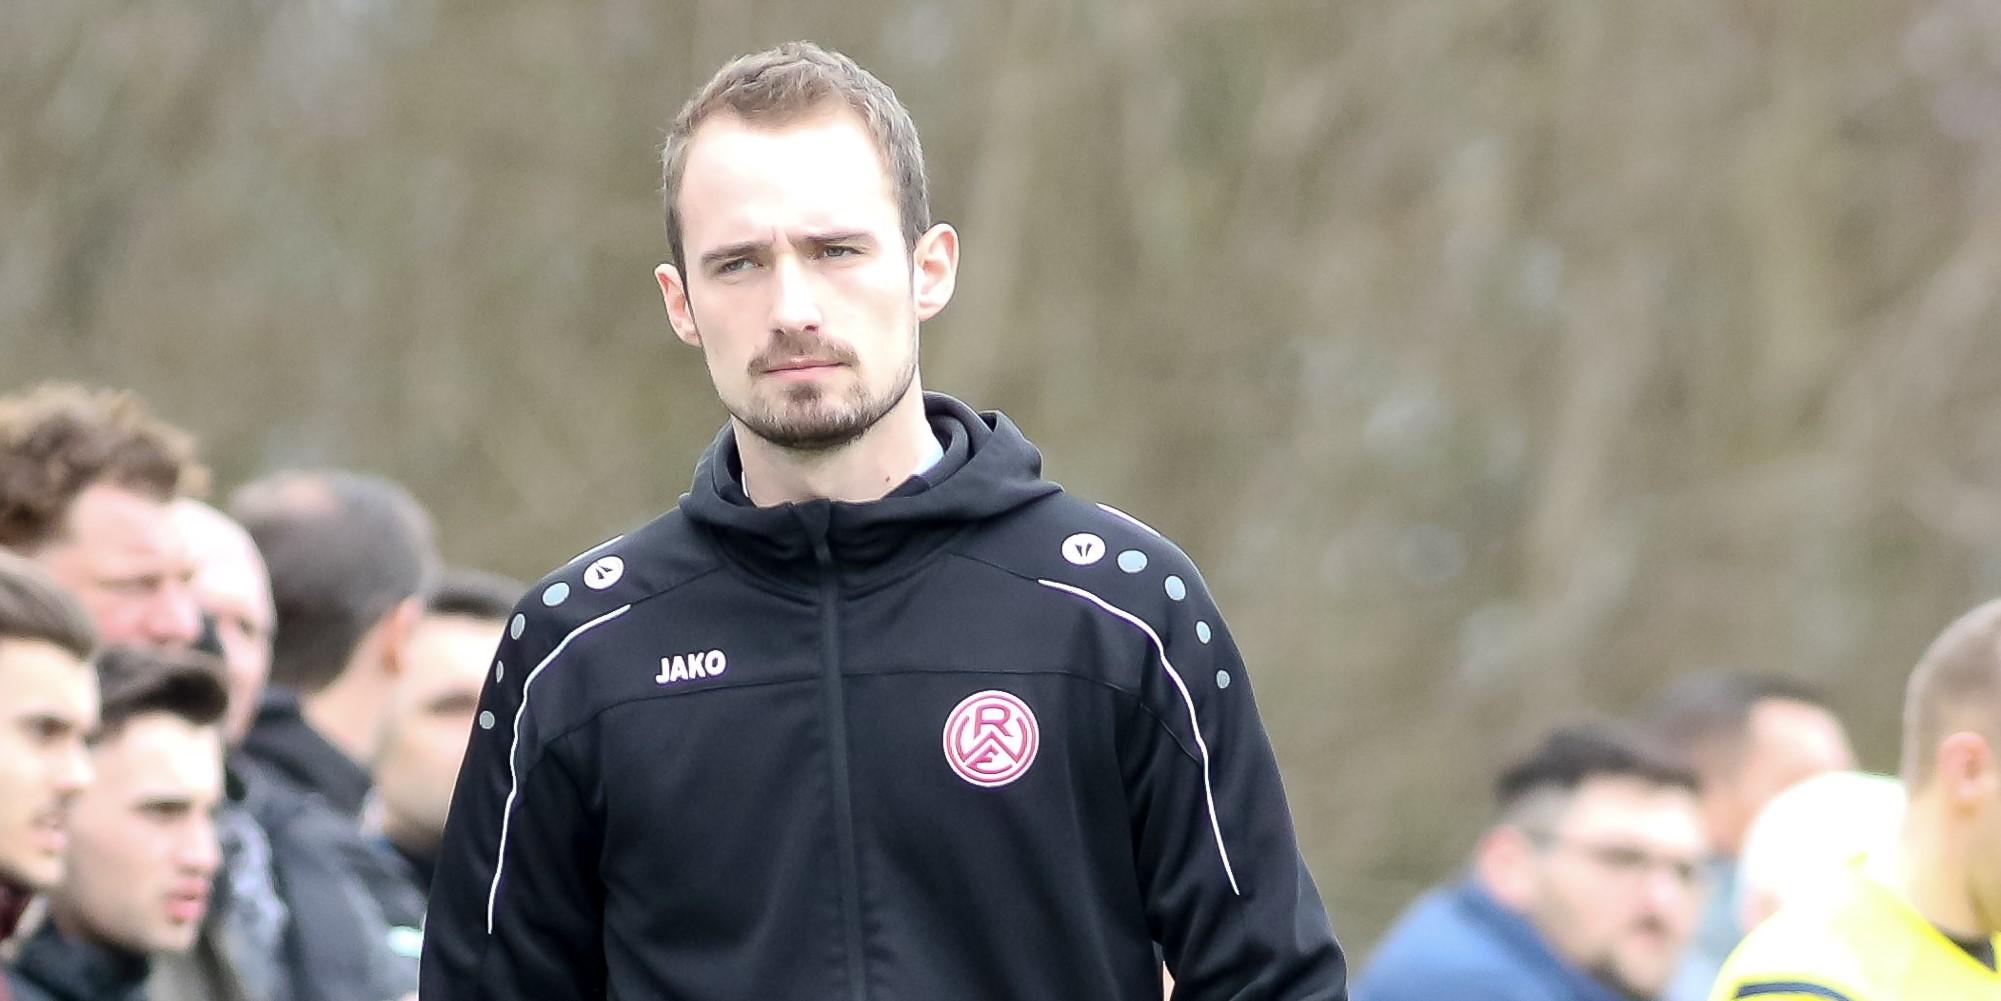 U17-Chef-Trainer Lars Fleischer war mit der Leistung seiner Mannschaft am Samstag nicht zufrieden. (Foto: Endberg)